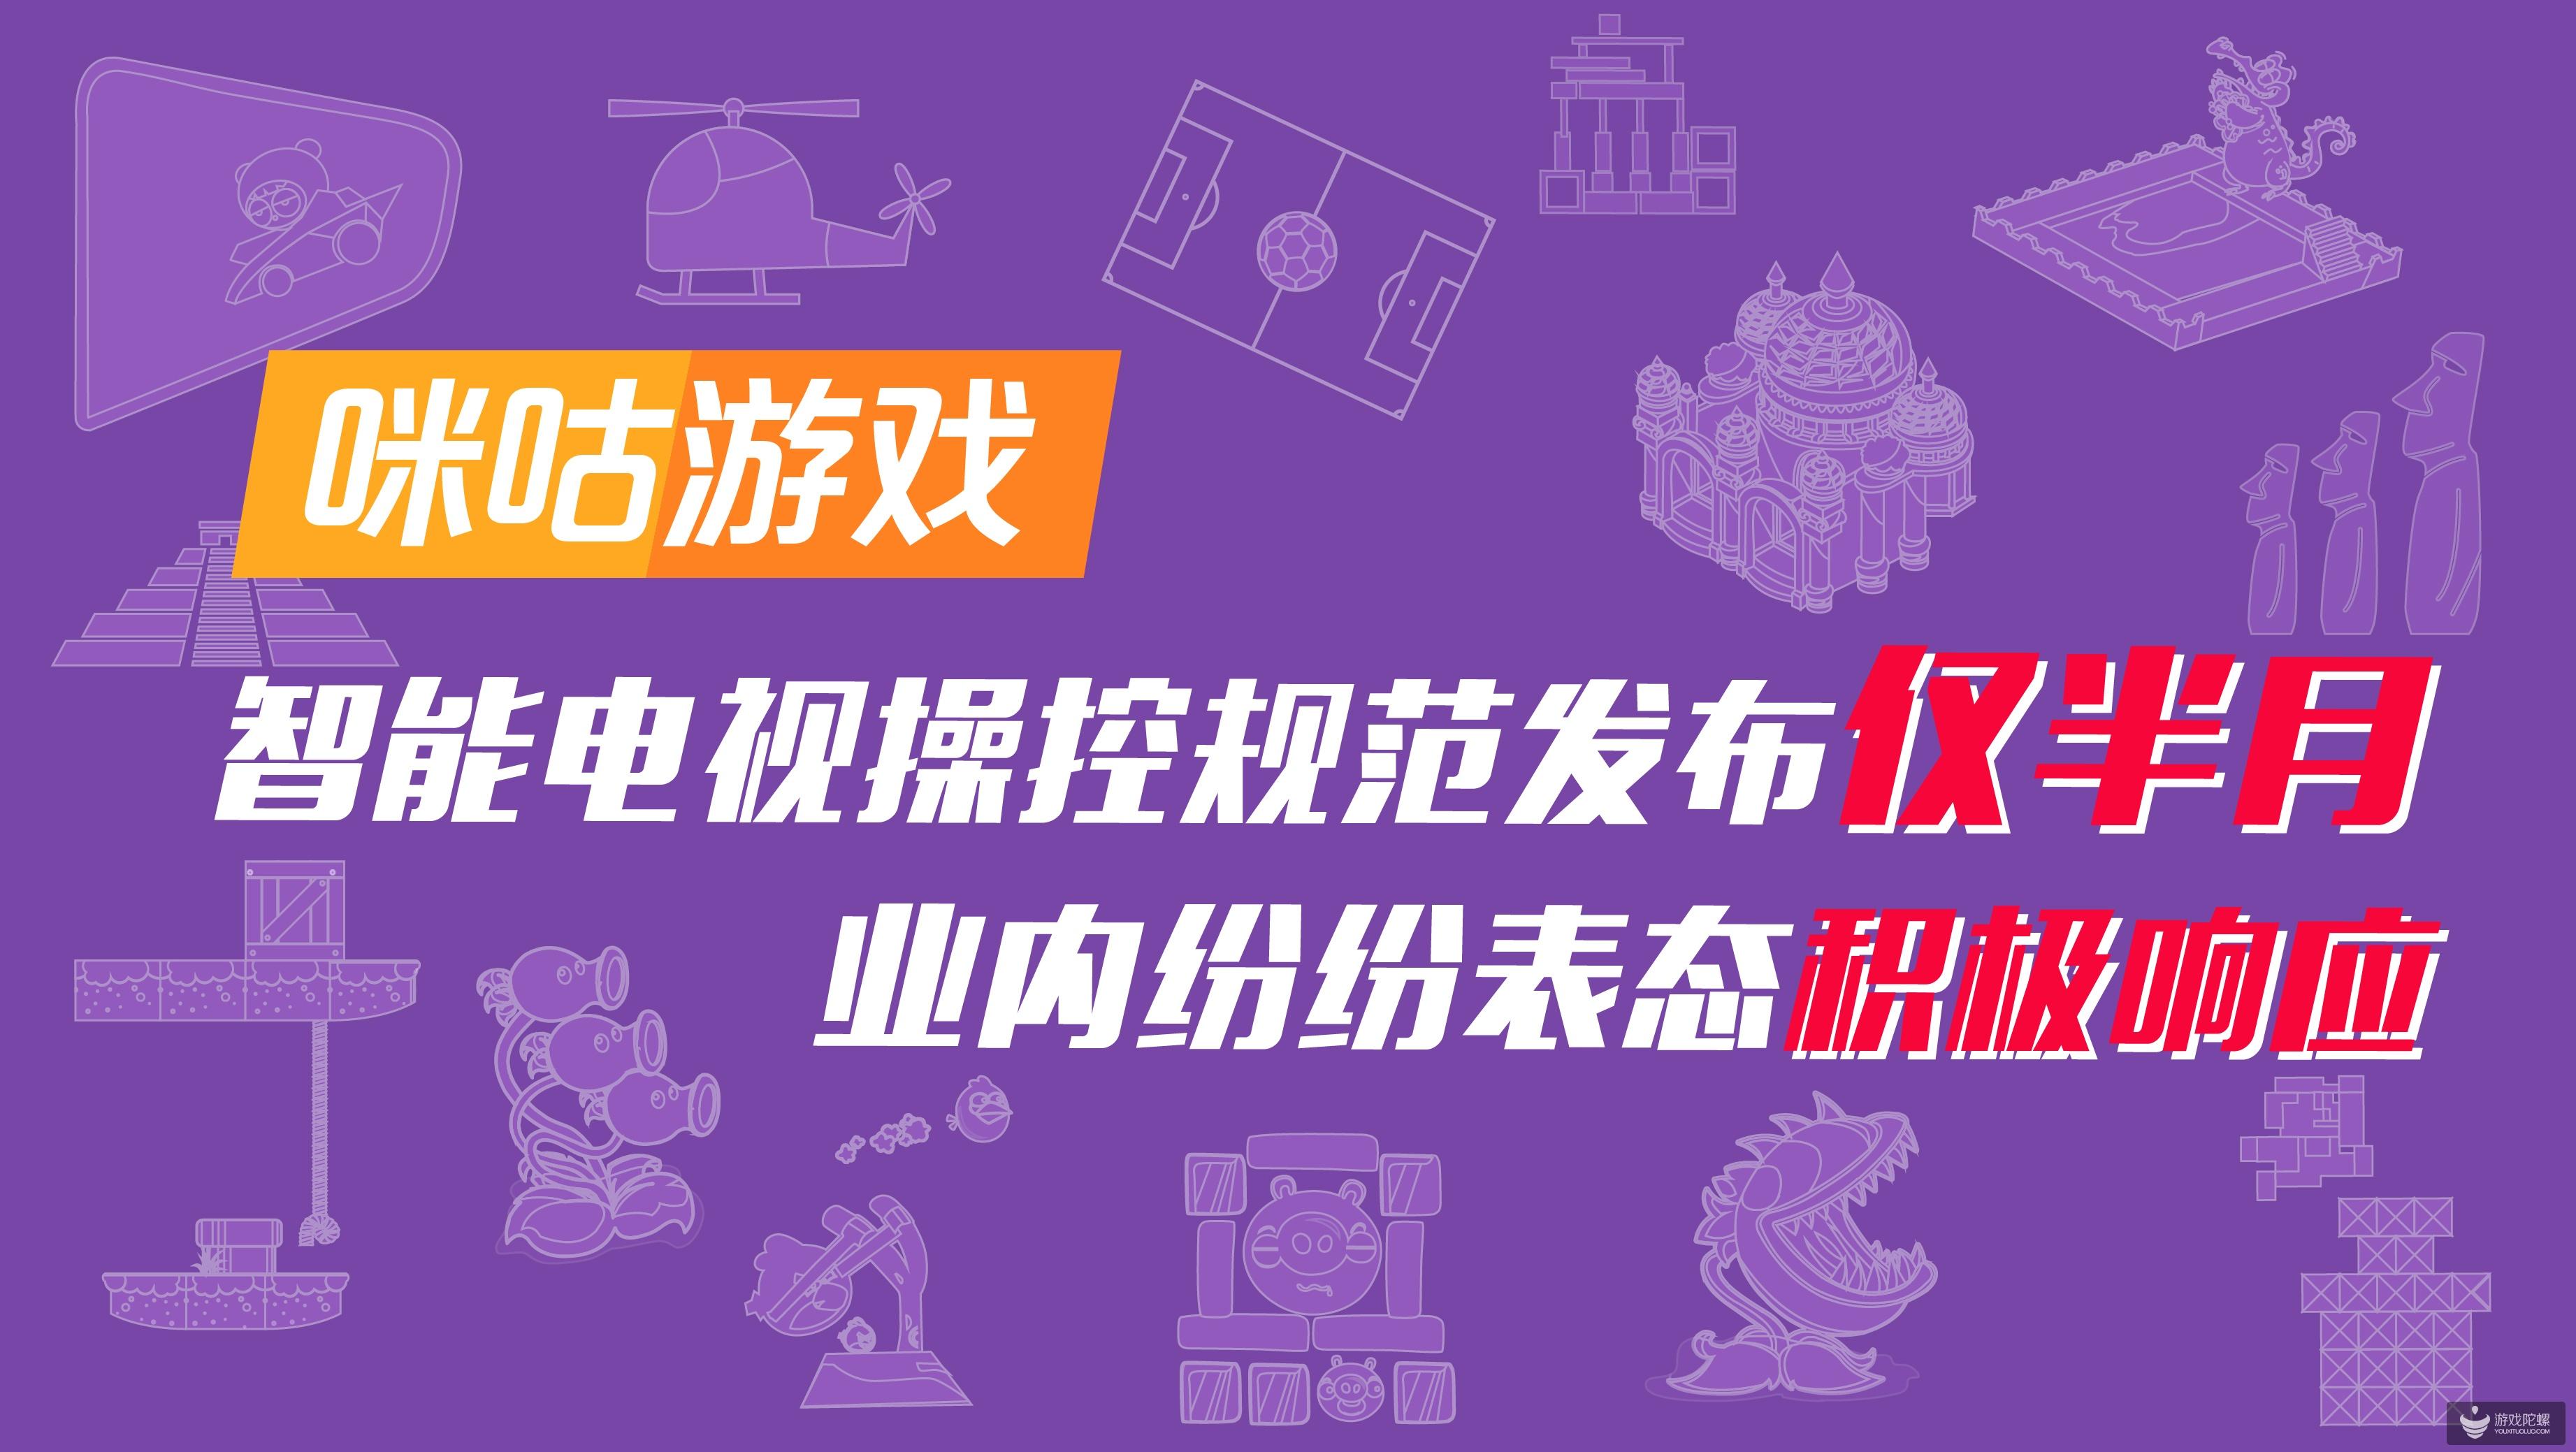 咪咕游戏:智能电视操控规范发布仅半月 业内纷纷表态积极响应